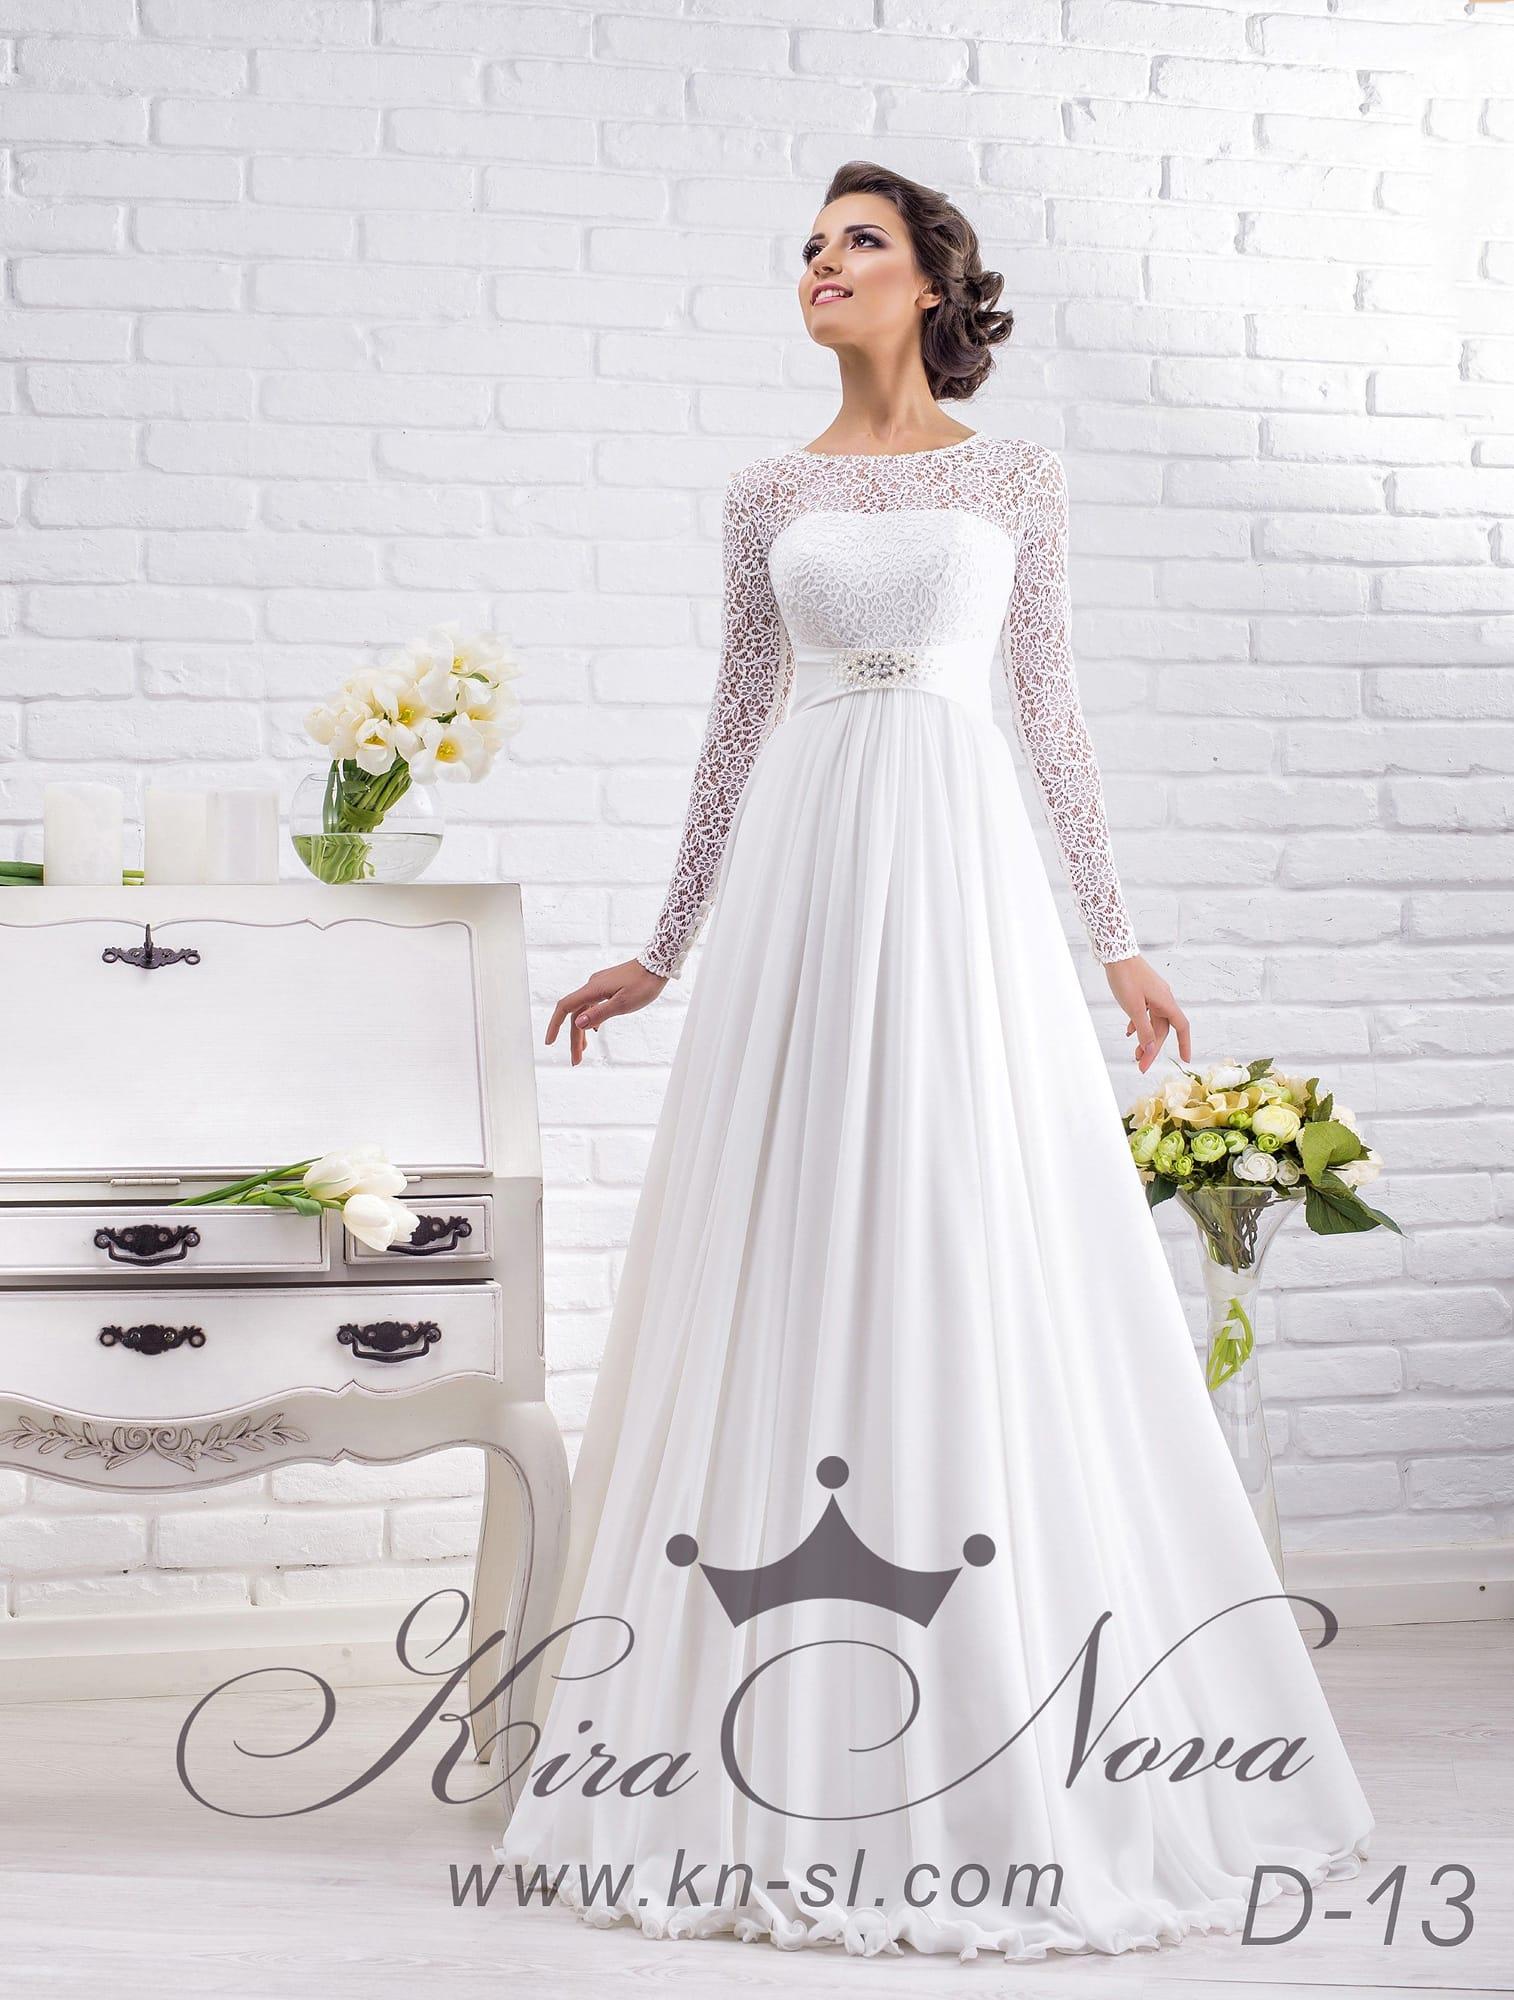 Кира-нова свадебные платья